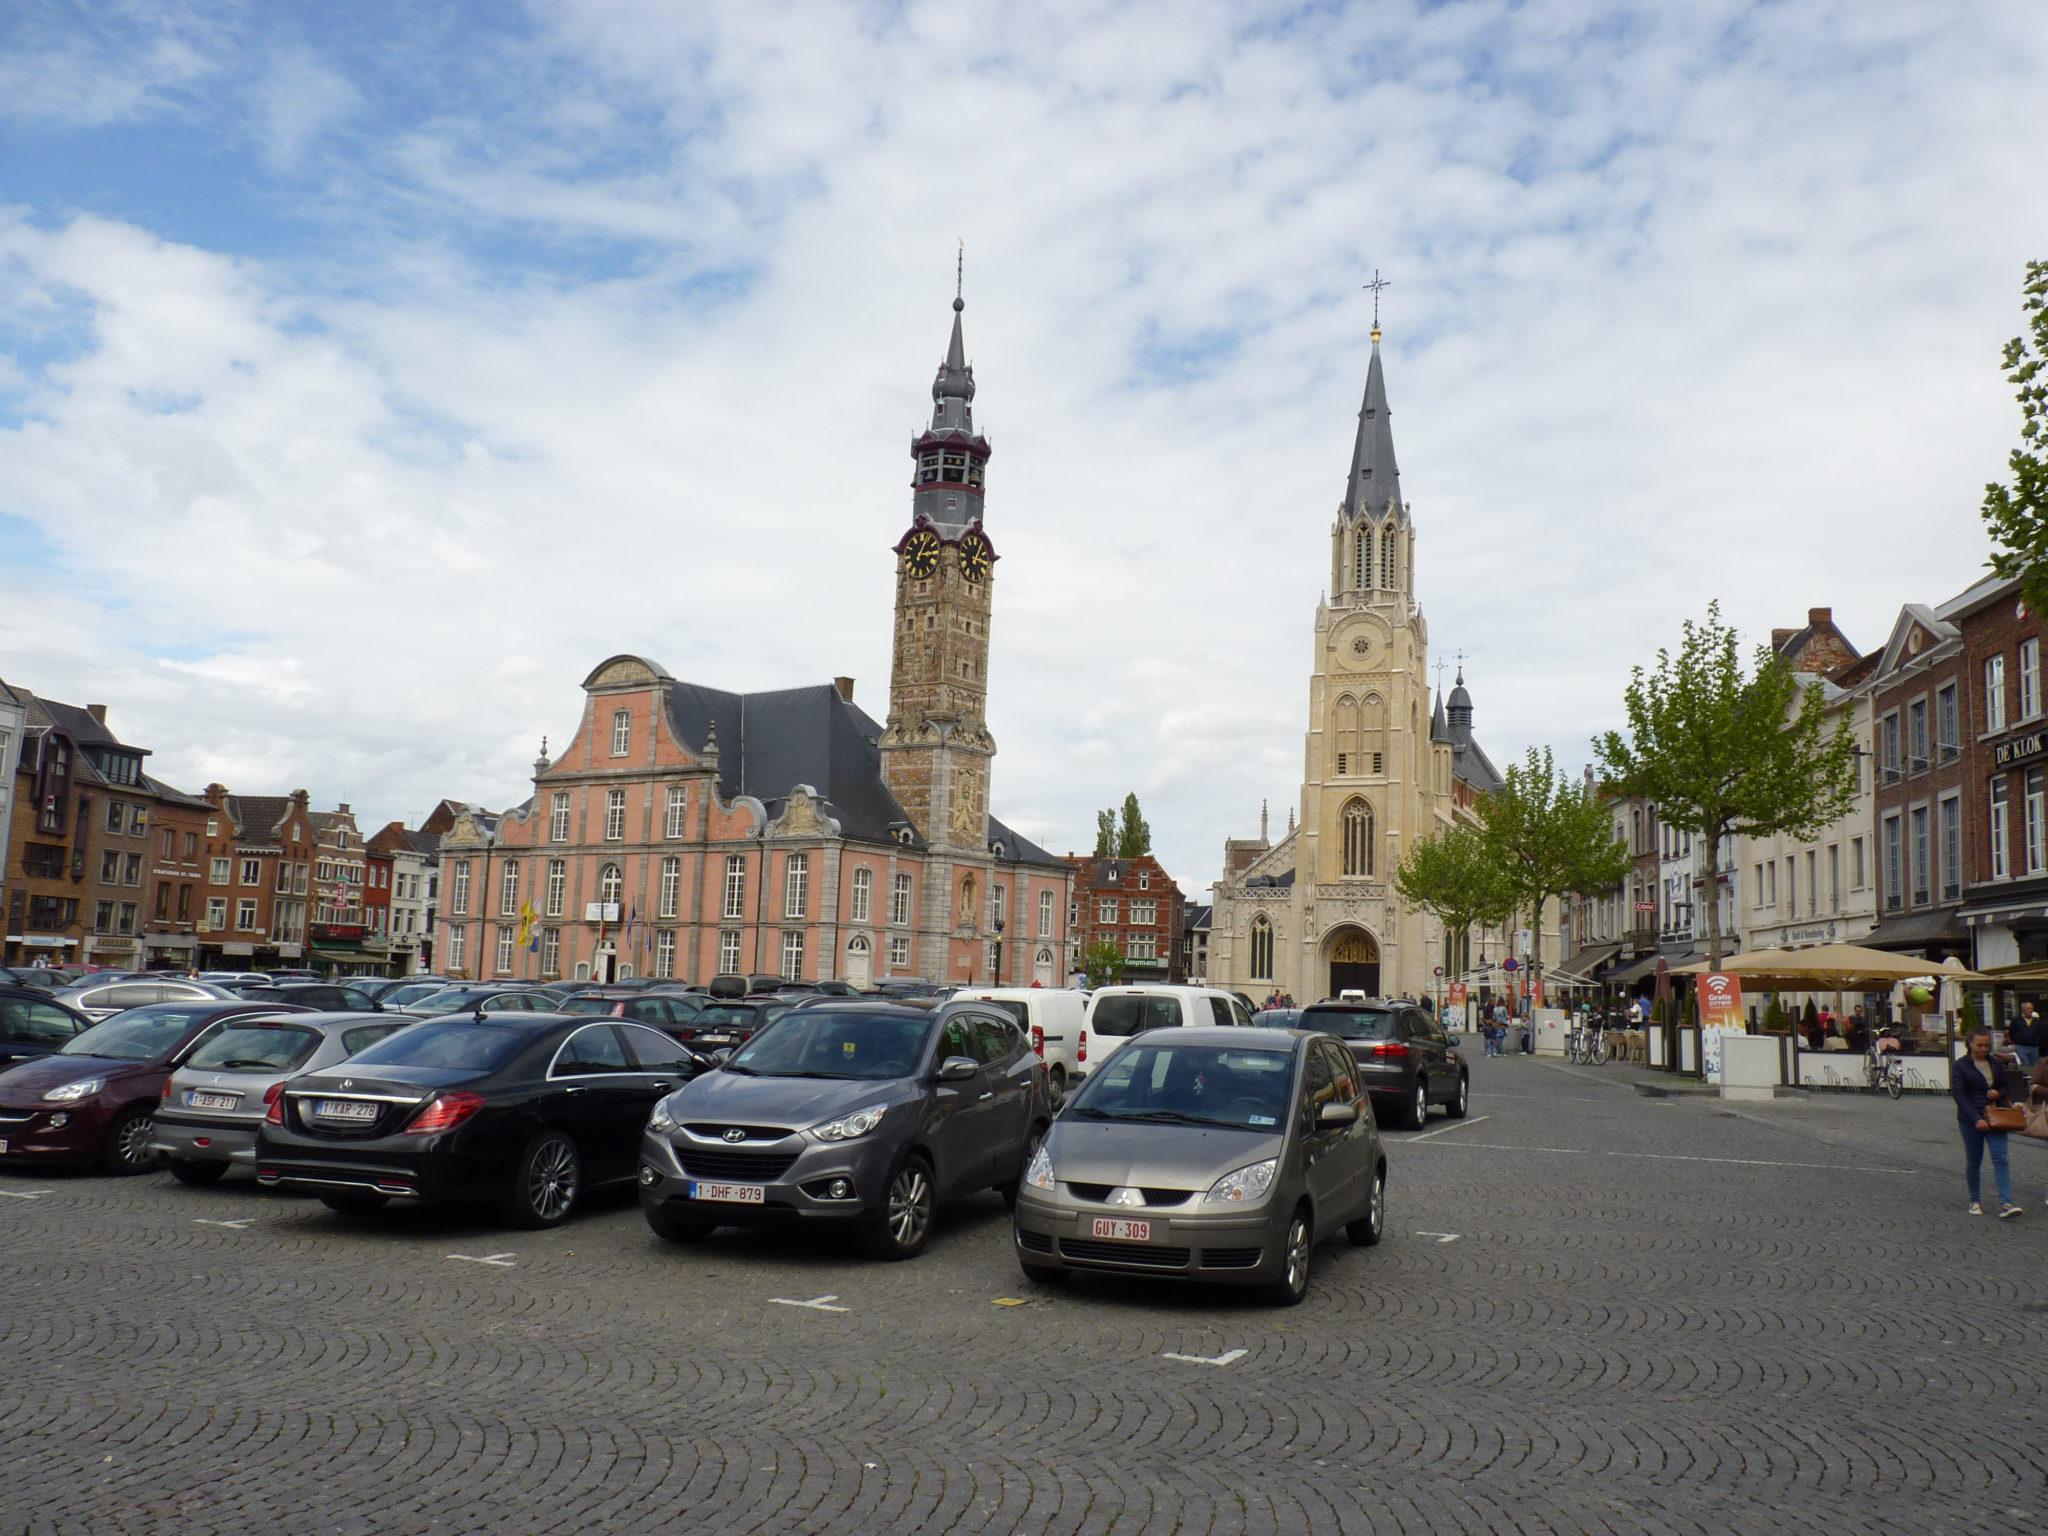 De Trudowandelroute vertelt het verhaal van kleine en grote monumenten en momenten uit de geschiedenis van Sint-Truiden.